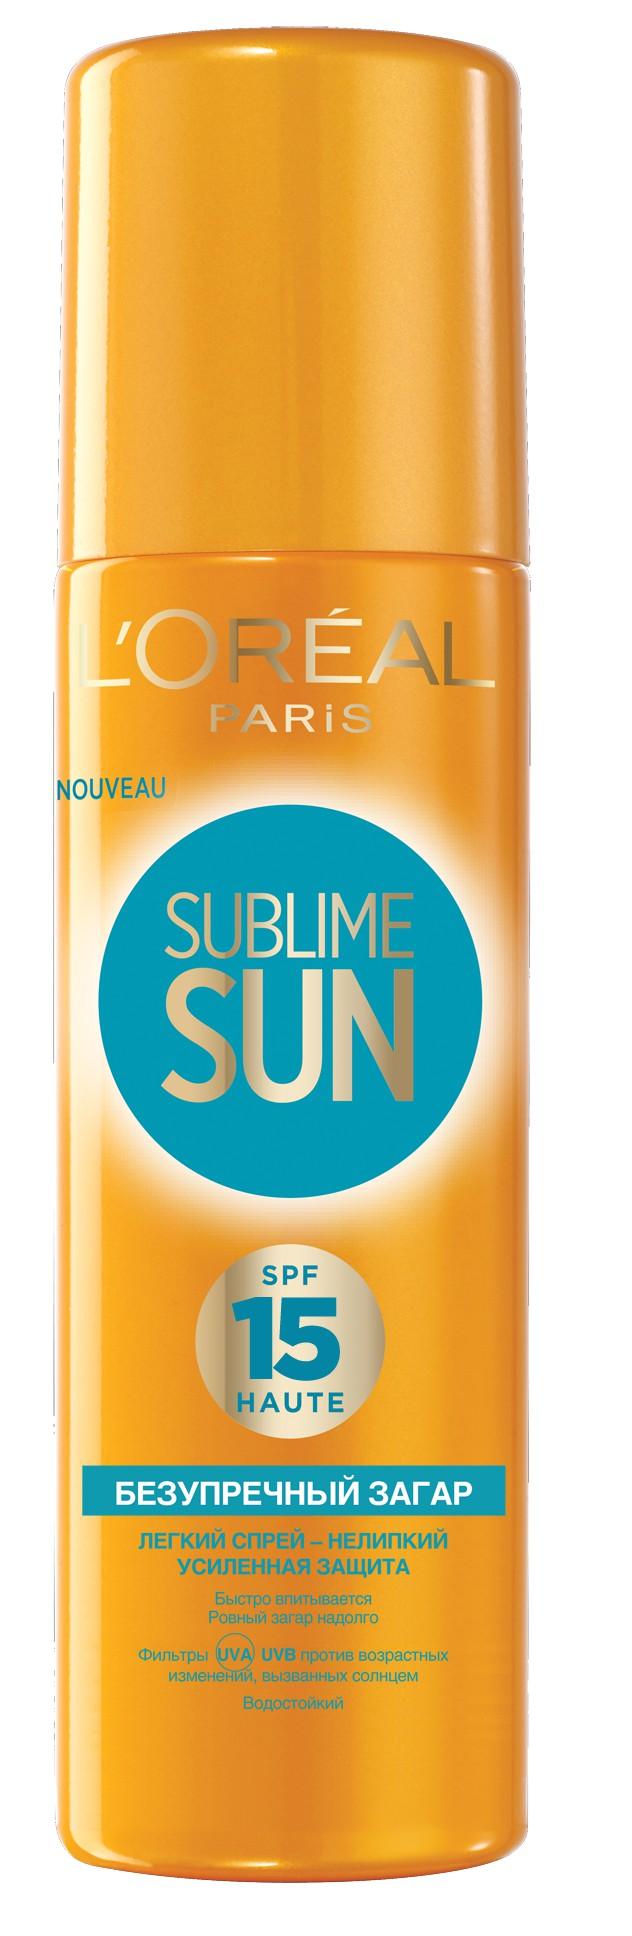 LOreal Paris Sublime Sun Спрей Безупречный загар, солнцезащитный, SPF 15, 200 млA8041213Солнцезащитный спрей LOreal Paris Sublime Sun. Безупречный загар со степенью защиты SPF 15 ухаживает за кожей и обеспечивает золотистый загар надолго. Система фильтров Mexoryl SX/XL и комплекс витаминов, известных своими антиоксидантными свойствами, защищают от негативного воздействия солнца на кожу, в том числе от солнечных ожогов, и предотвращают старение кожи, вызванное солнцем. Спрей распыляется на кожу, оставляя на ней ощущение невероятной легкости без эффекта жирной или липкой пленки. Комплекс SkinElixir активирует меланин для золотистого, сияющего загара.